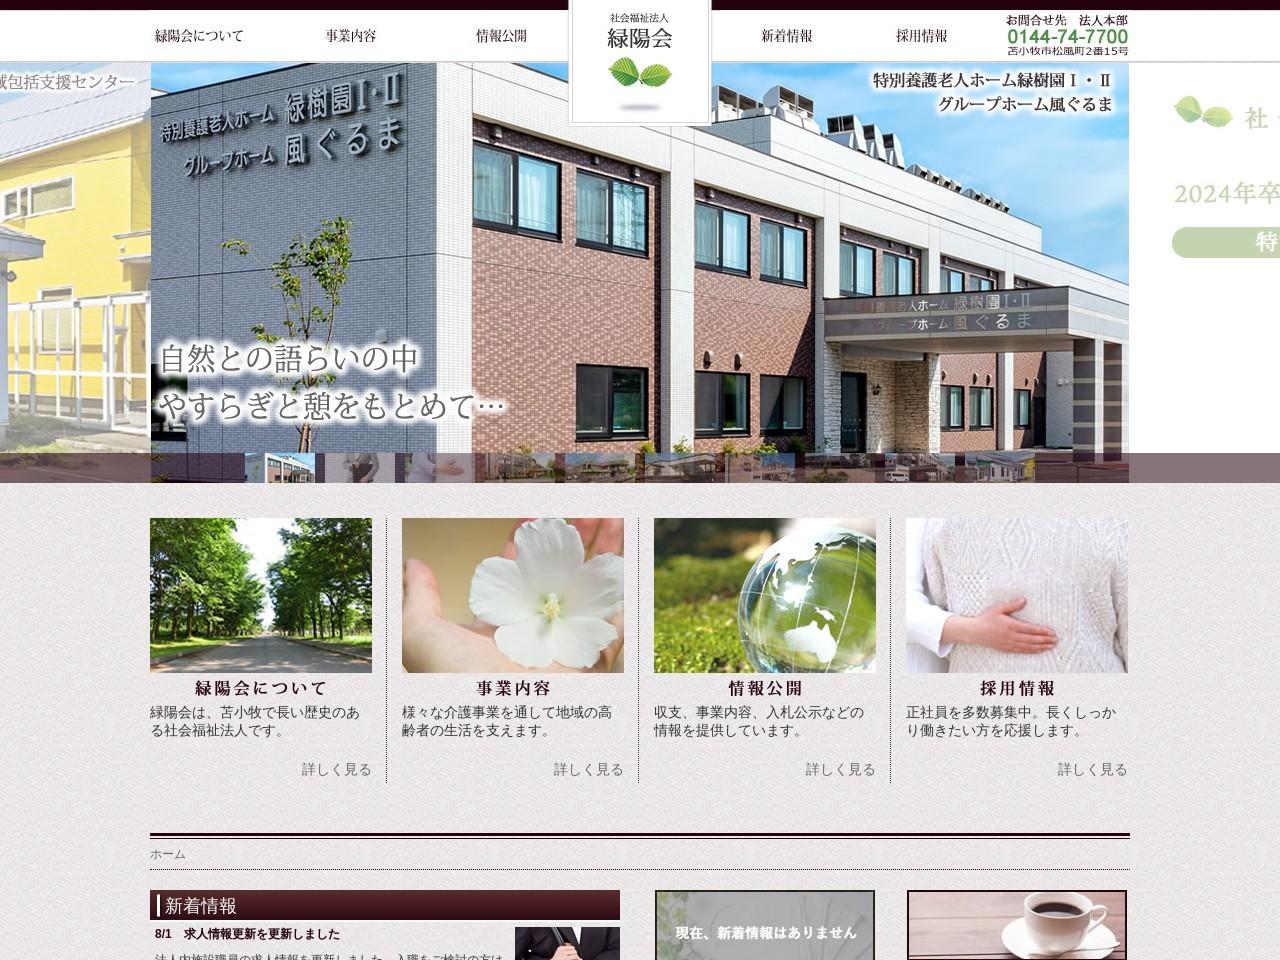 社会福祉法人緑陽会  松風デンタルクリニック (北海道苫小牧市)